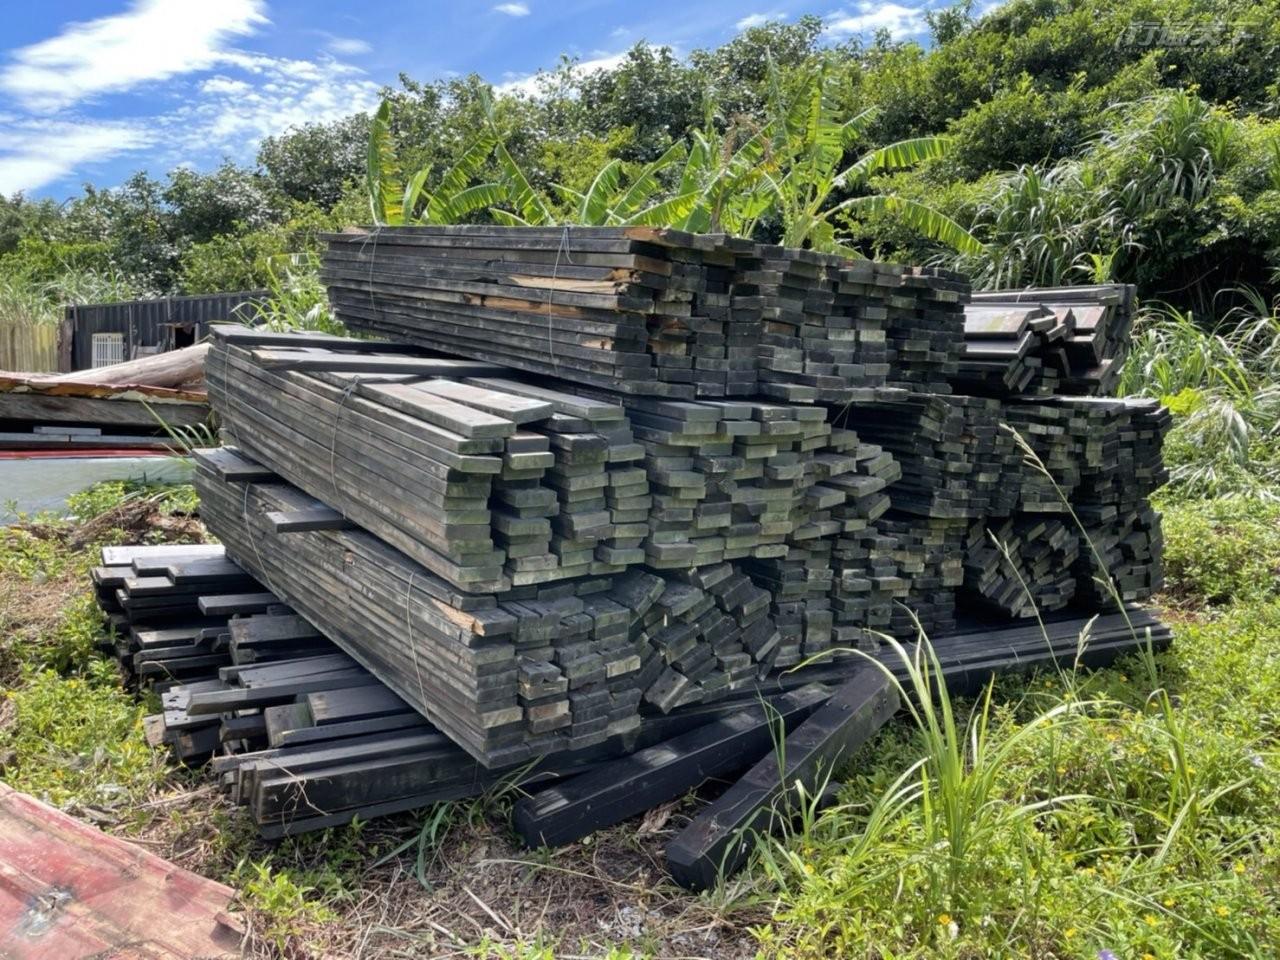 ▲卸除之木棧板也能賦予新生。(圖片提供:北觀處)